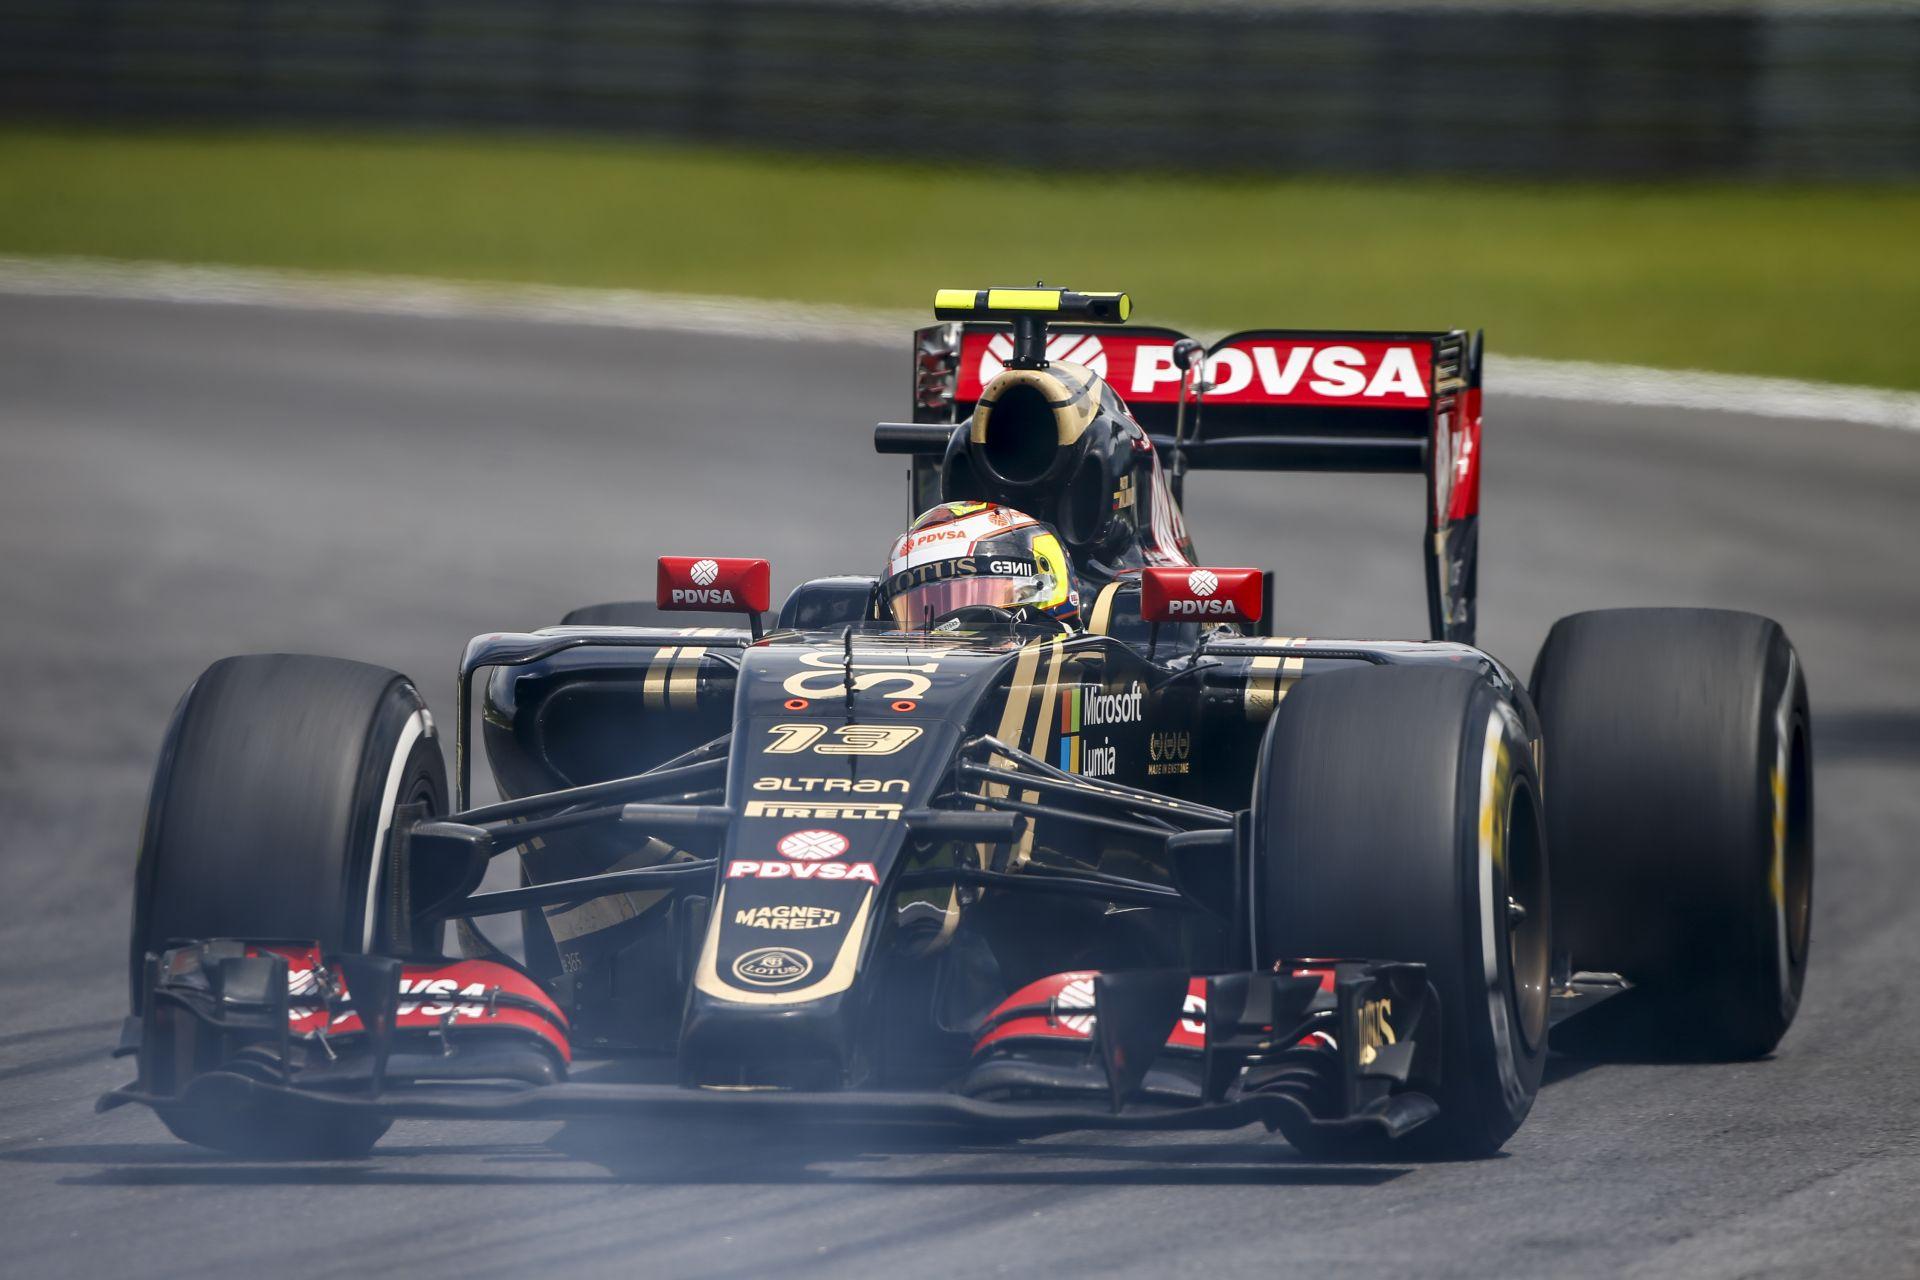 Egyre többen akadnak ki Maldonado ütközései miatt: nincs helye a Forma-1-ben?